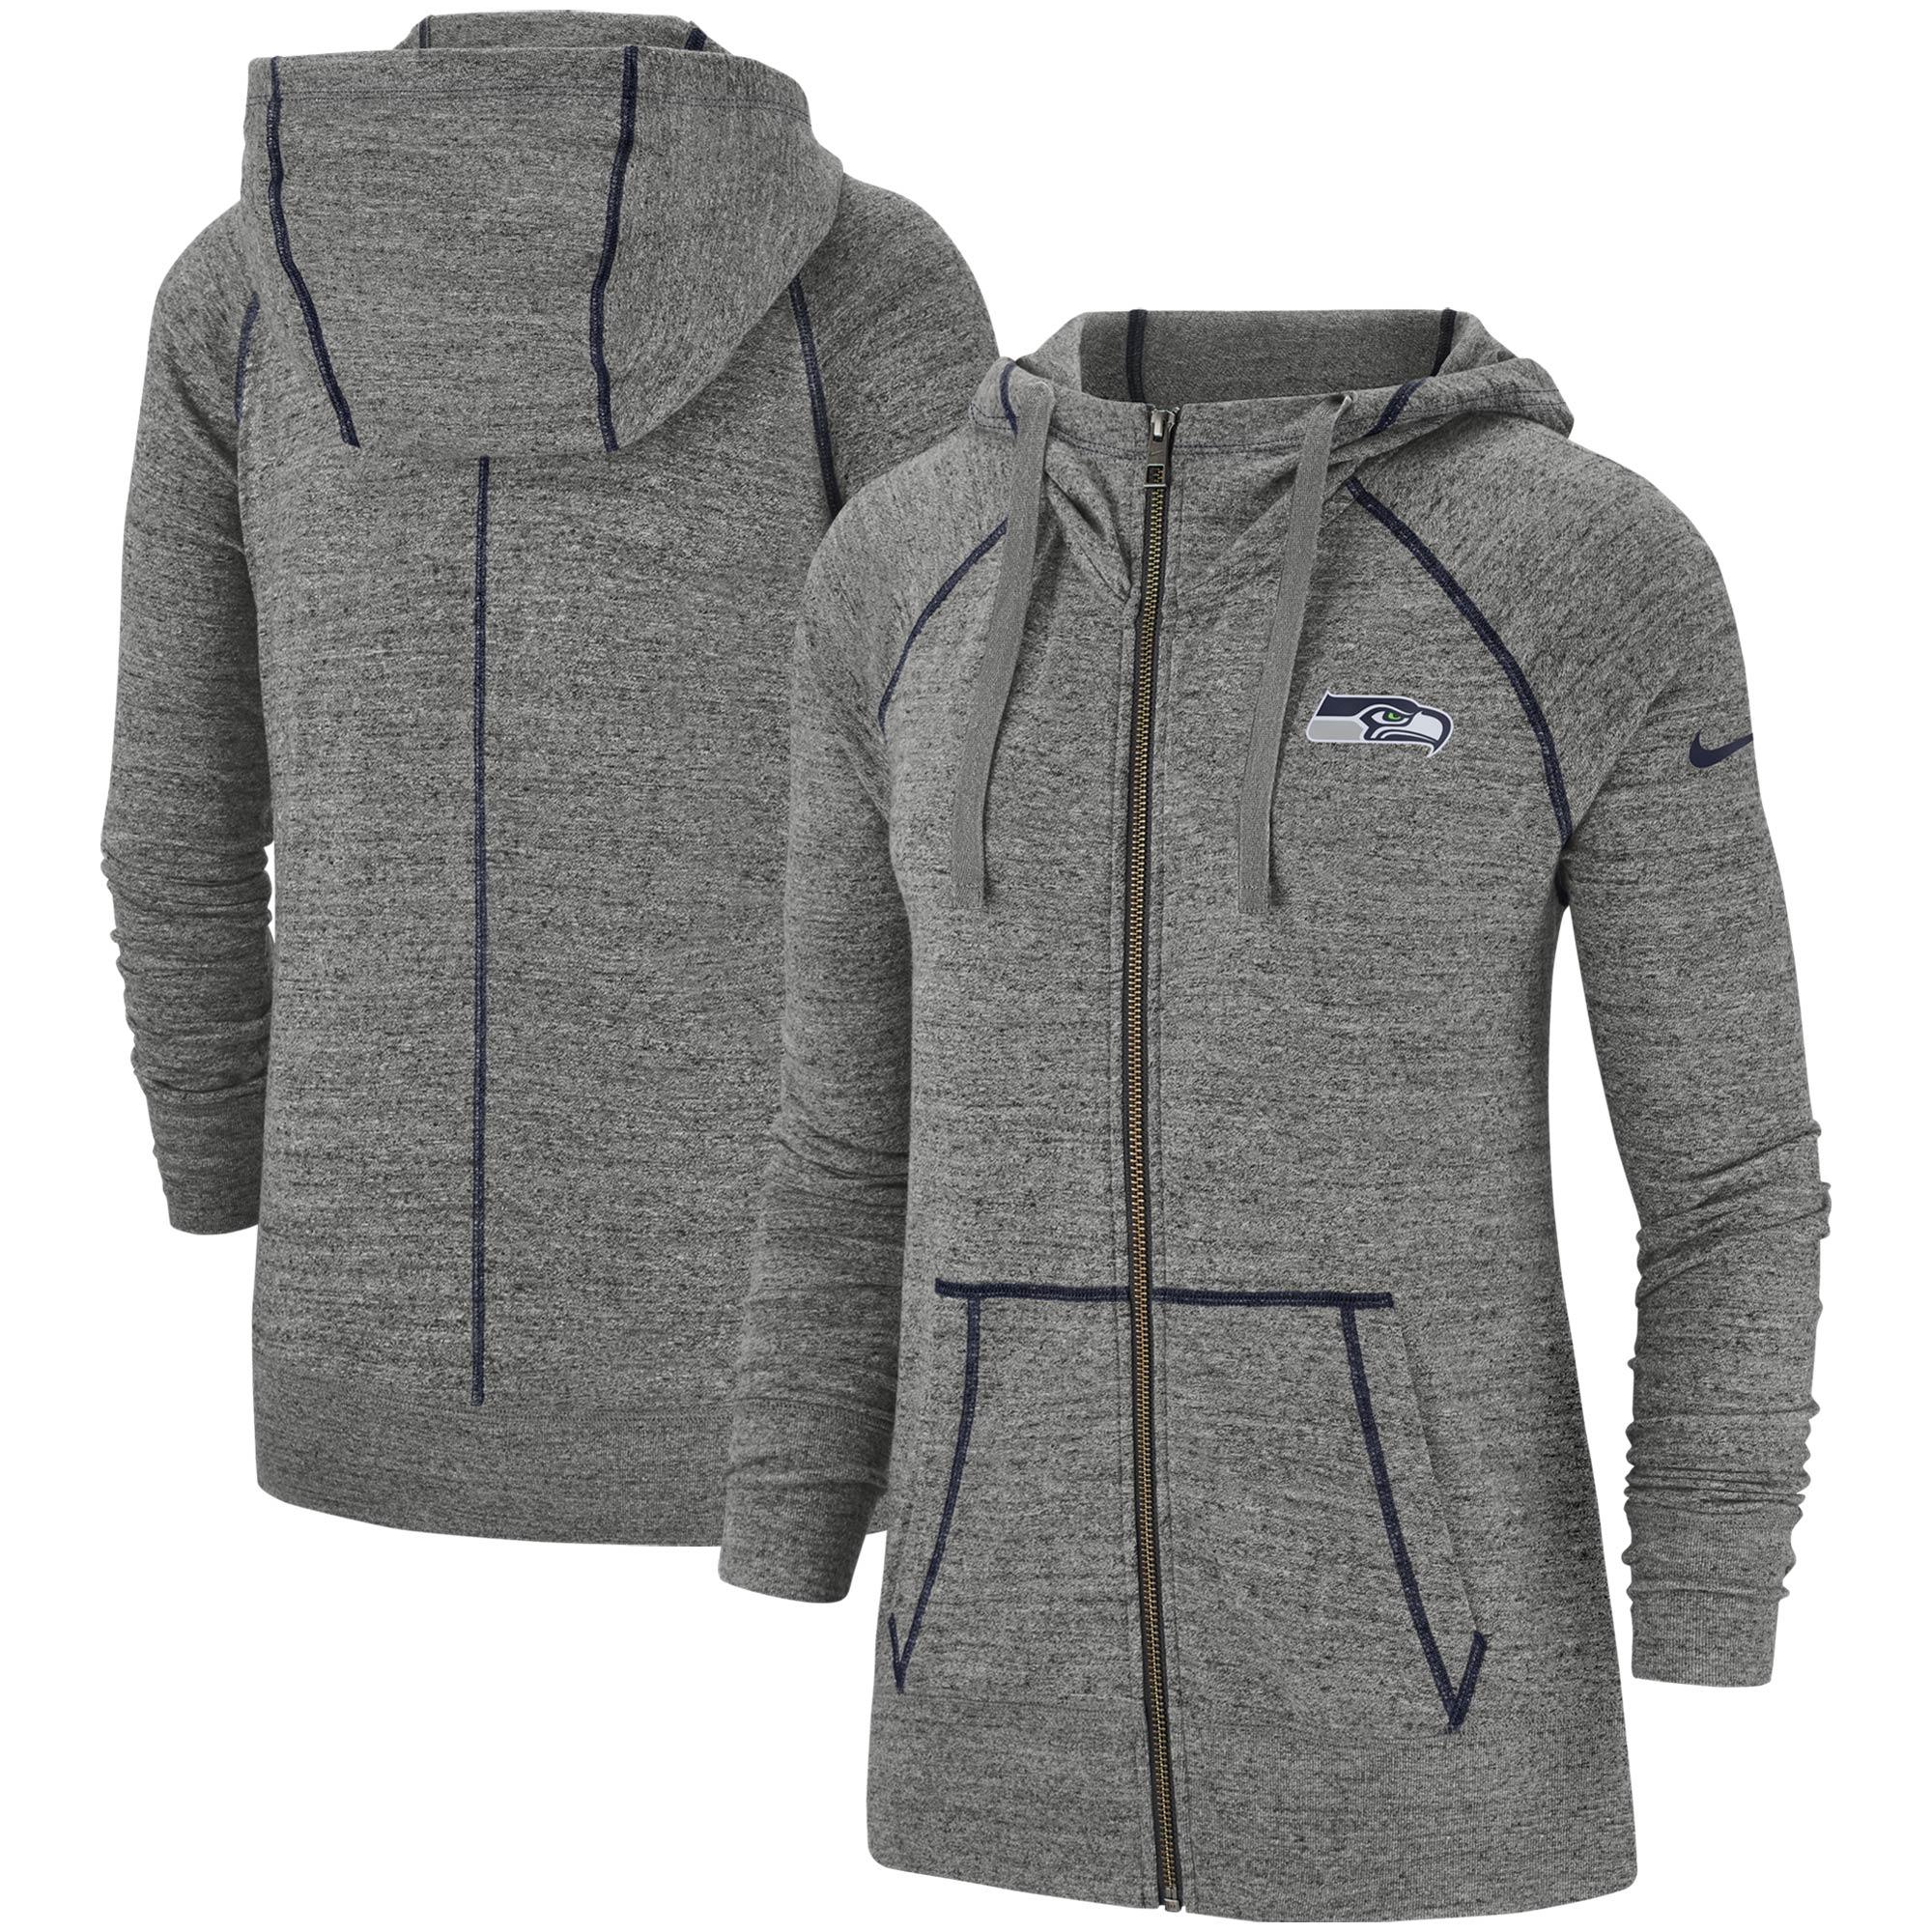 Seattle Seahawks Nike Women's Gym Vintage Raglan Full-Zip Hoodie - Heathered Gray